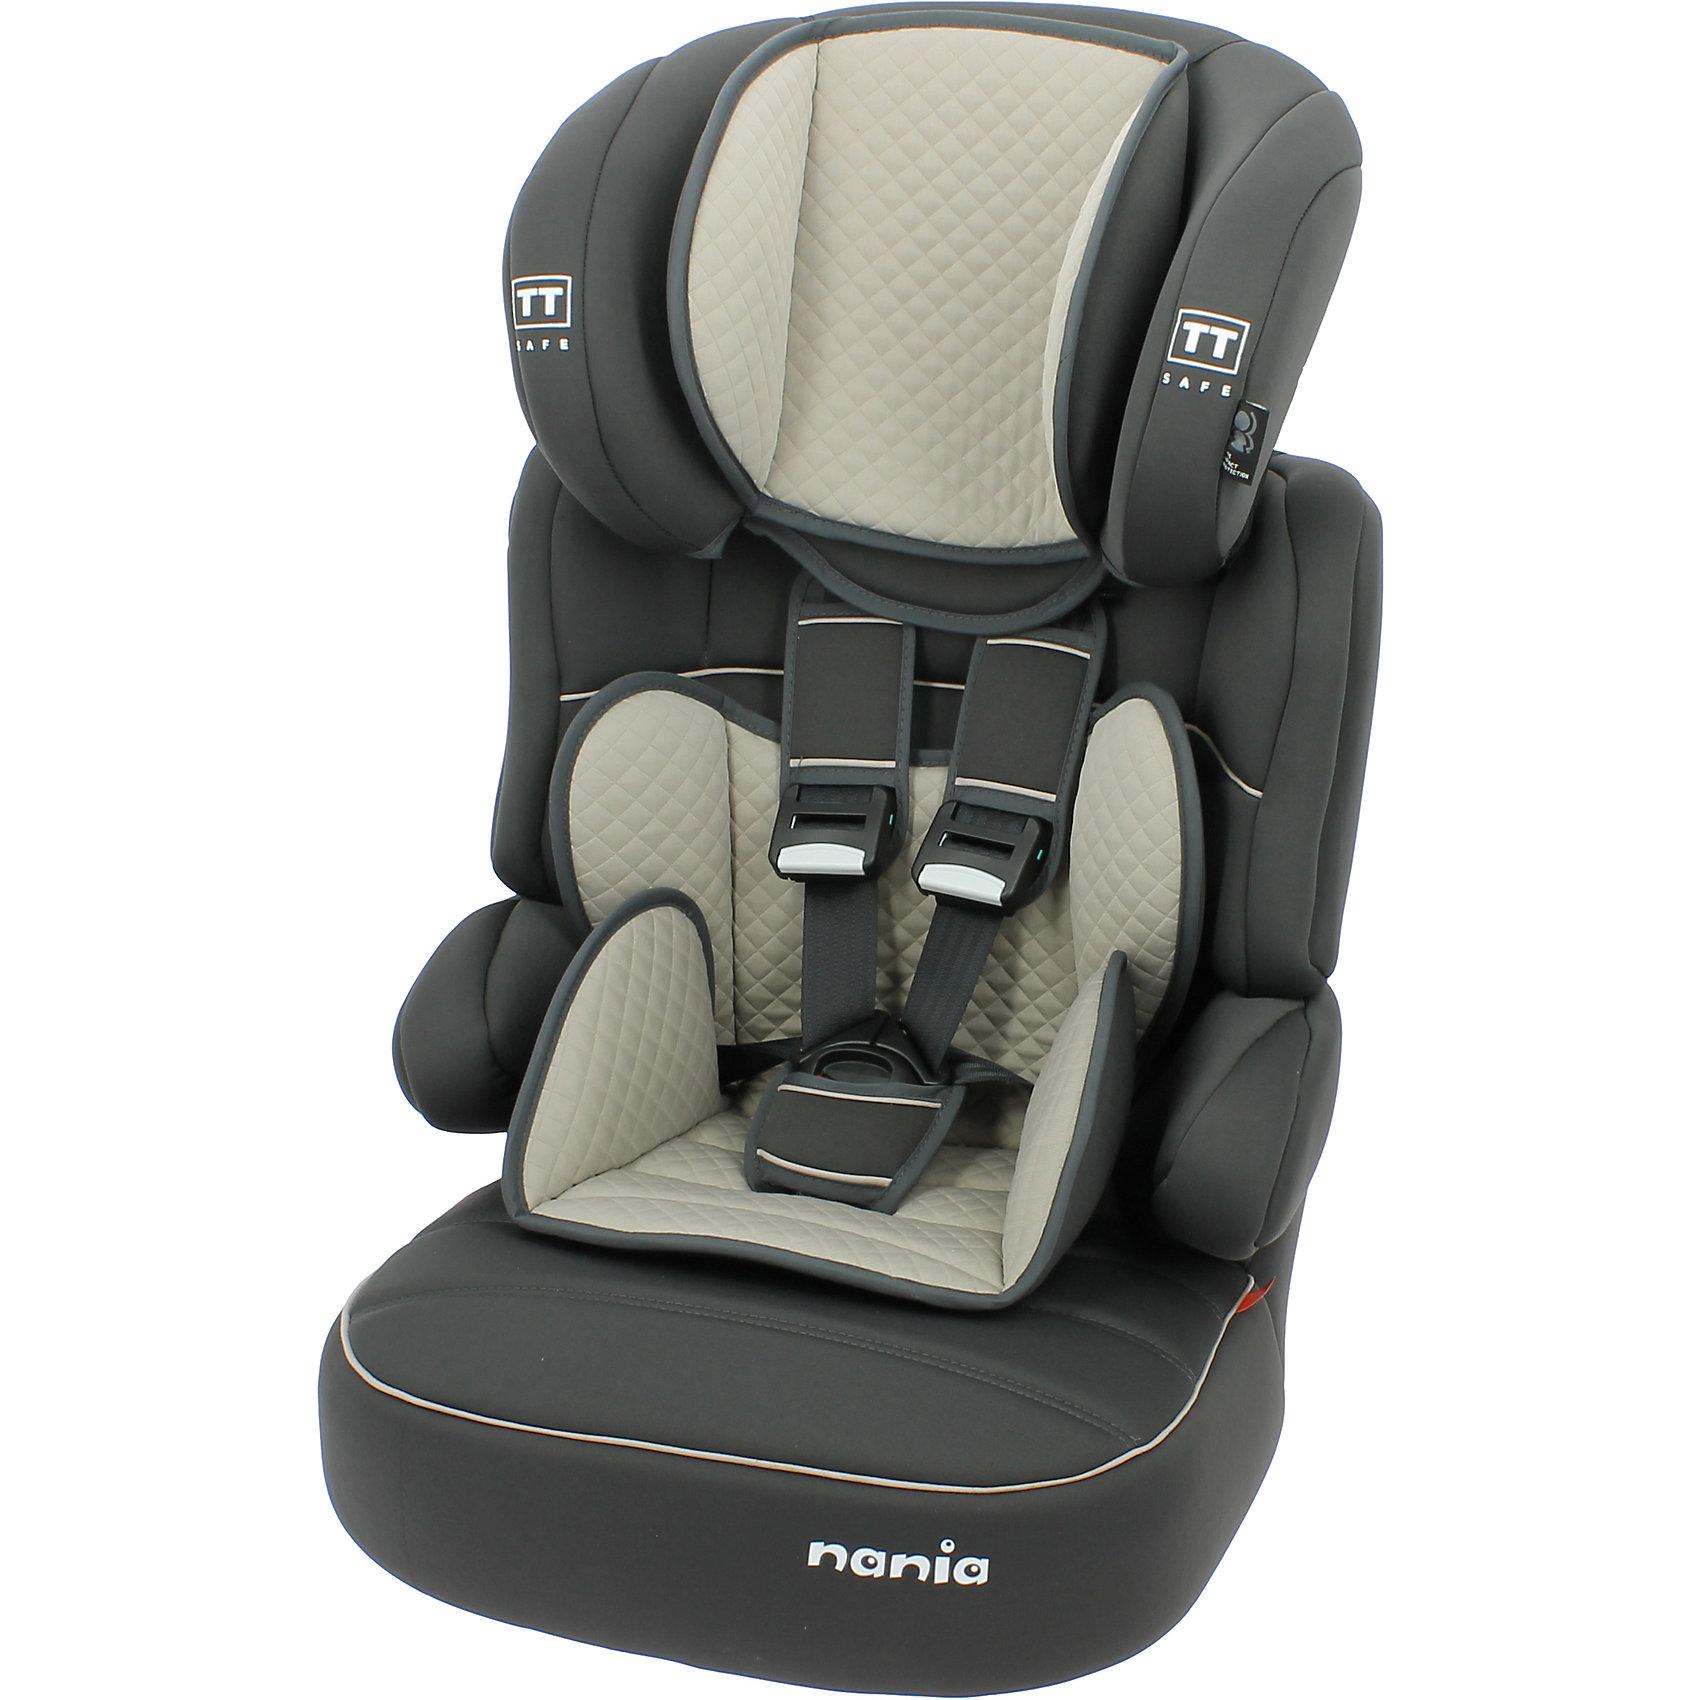 Автокресло Nania Beline SP LTD, 9-36кг, quilt shadowГруппа 1-2-3 (От 9 до 36 кг)<br>Характеристики:<br><br>• группа: 1/2/3;<br>• вес ребенка: 9-36 кг;<br>• возраст ребенка: от 8 месяцев до 12 лет;<br>• способ установки: по ходу движения автомобиля;<br>• способ крепления: штатные ремни безопасности автомобиля;<br>• вкладыш для маленького ребенка, имеется встроенный мягкий подголовник;<br>• вкладыш съемный, для подросшего ребенка остается бустер со спинкой;<br>• кресло оснащено подлокотниками с мягкой обивкой;<br>• высота подголовника регулируется в 5-ти положениях;<br>• чехлы автокресла съемные, стираются при температуре 30 градусов;<br>• маленький ребенок фиксируется встроенными 5-ти точечными ремнями автокресла, подросший малыш – 3-х точечными ремнями безопасности автомобиля;<br>• усиленная боковая защита SP - Side Protection;<br>• материал: пластик, полиэстер;<br>• размеры автокресла: 54x45x78 см;<br>• вес автокресла: 4,7 кг;<br>• стандарт безопасности: ECE R44/04.<br><br>Автокресло Beline SP LTD, 9-36кг, Nania, quilt shadow можно купить в нашем интернет-магазине.<br><br>Ширина мм: 450<br>Глубина мм: 450<br>Высота мм: 880<br>Вес г: 5200<br>Возраст от месяцев: 8<br>Возраст до месяцев: 144<br>Пол: Унисекс<br>Возраст: Детский<br>SKU: 5569338